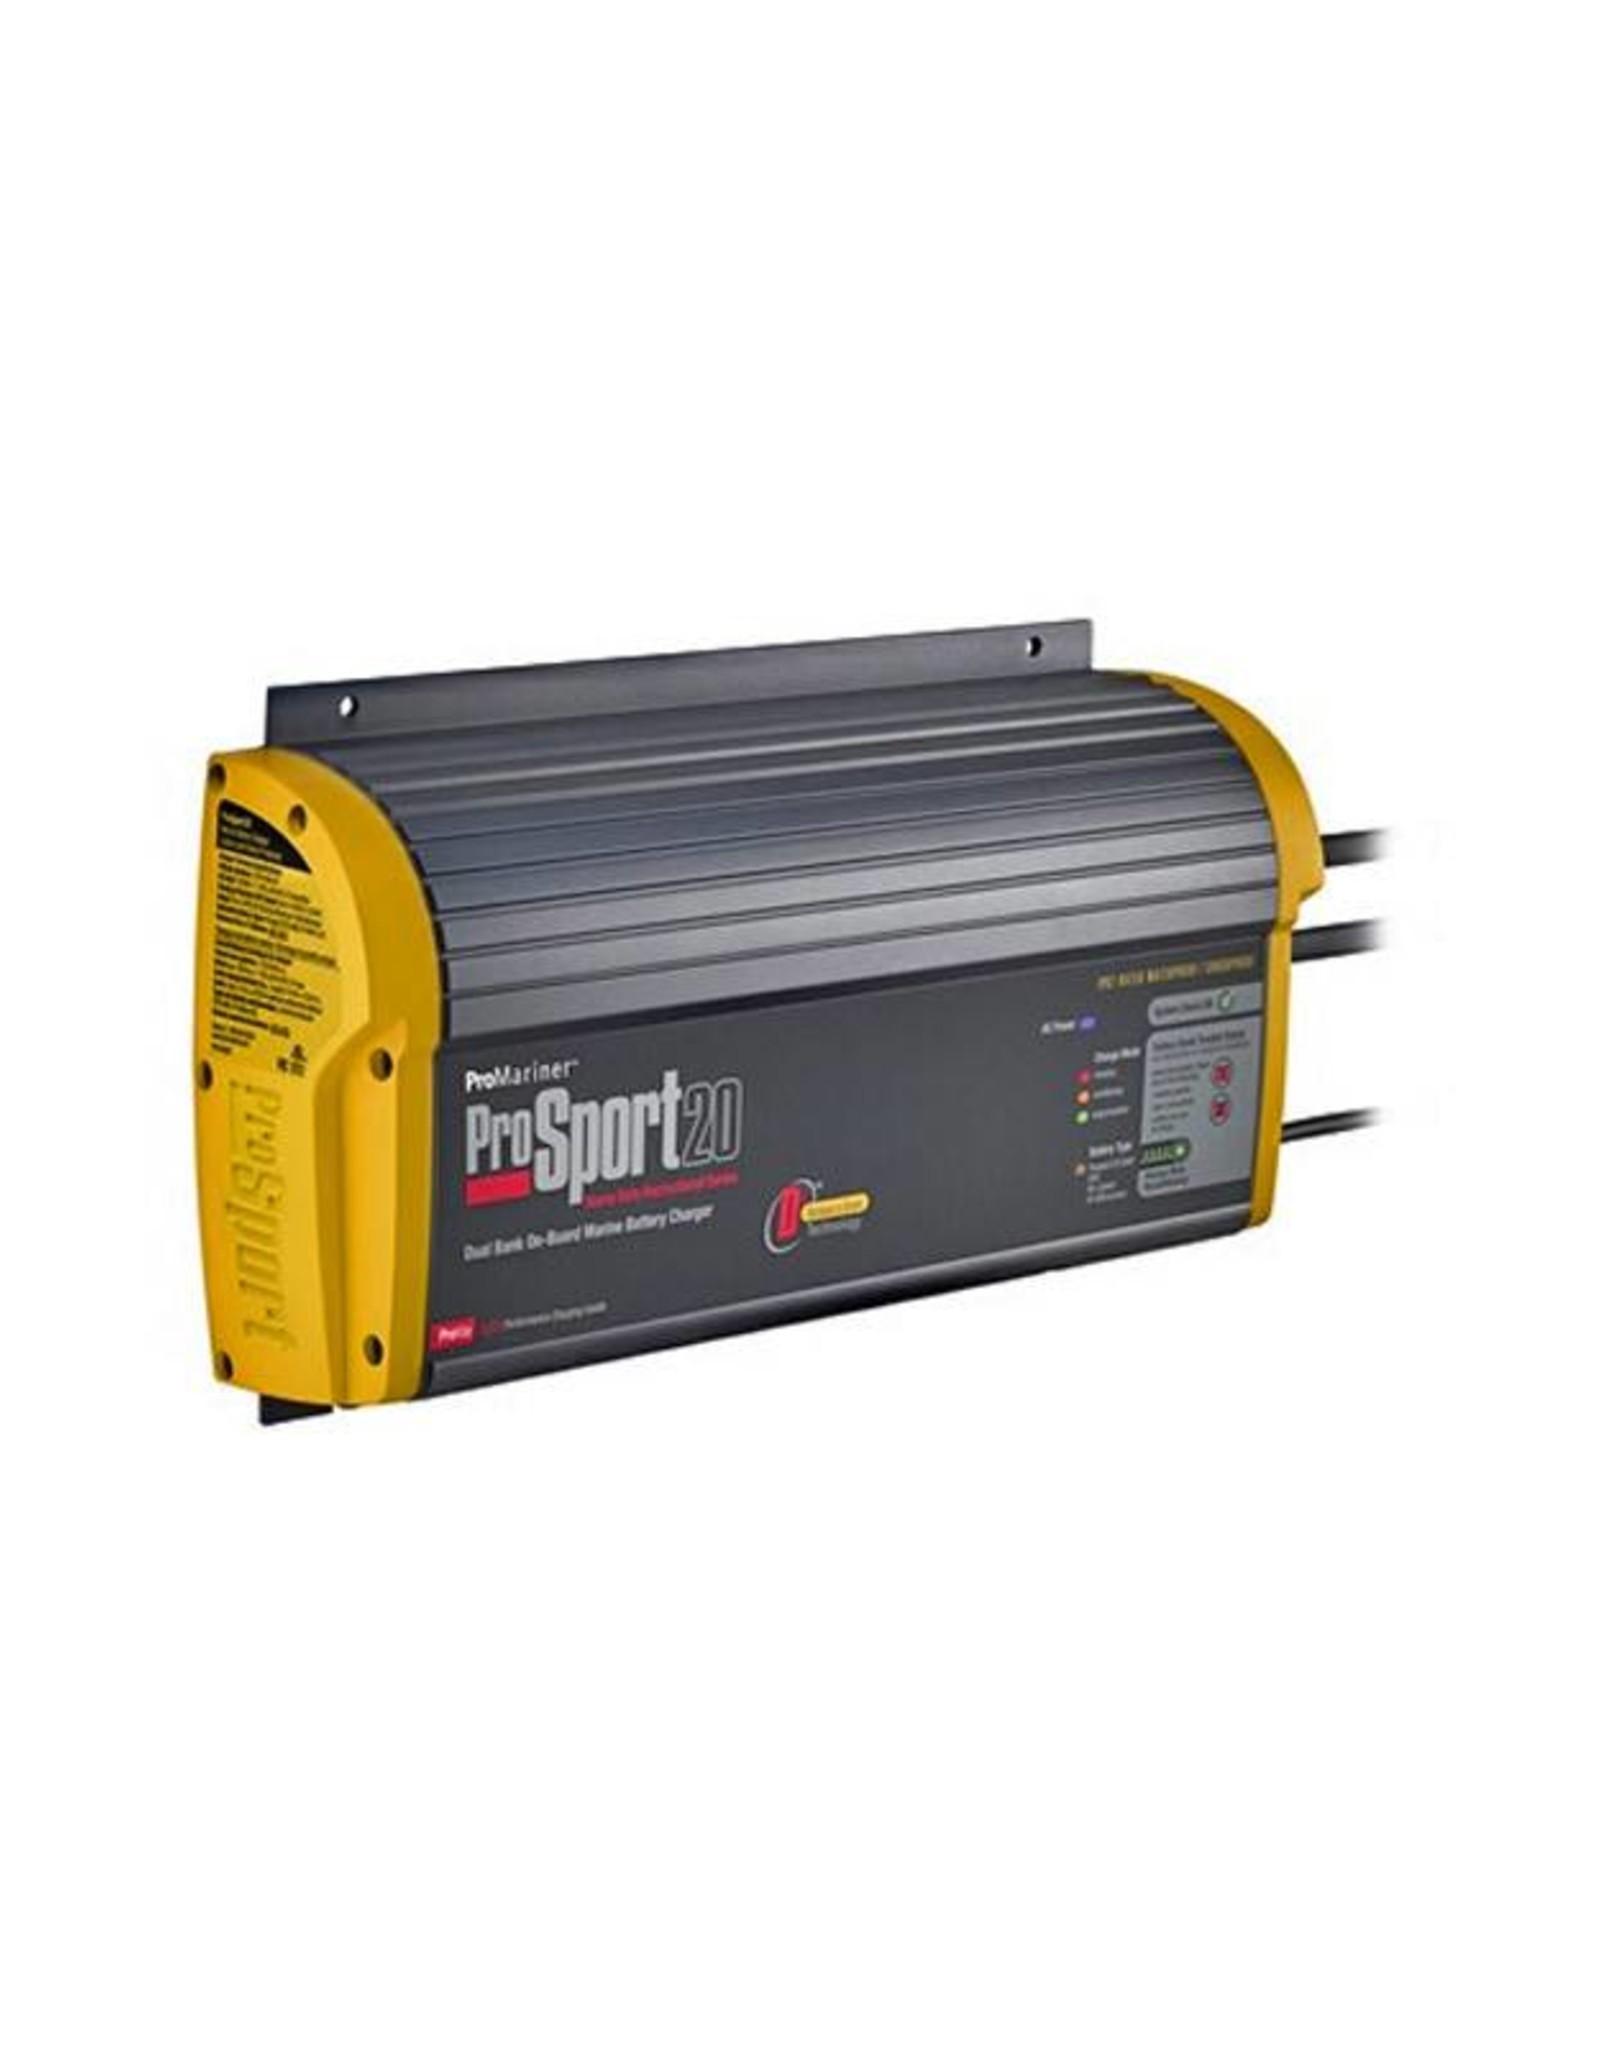 43020 gen-3 12/24V 20-AMP Dual bank battery charger